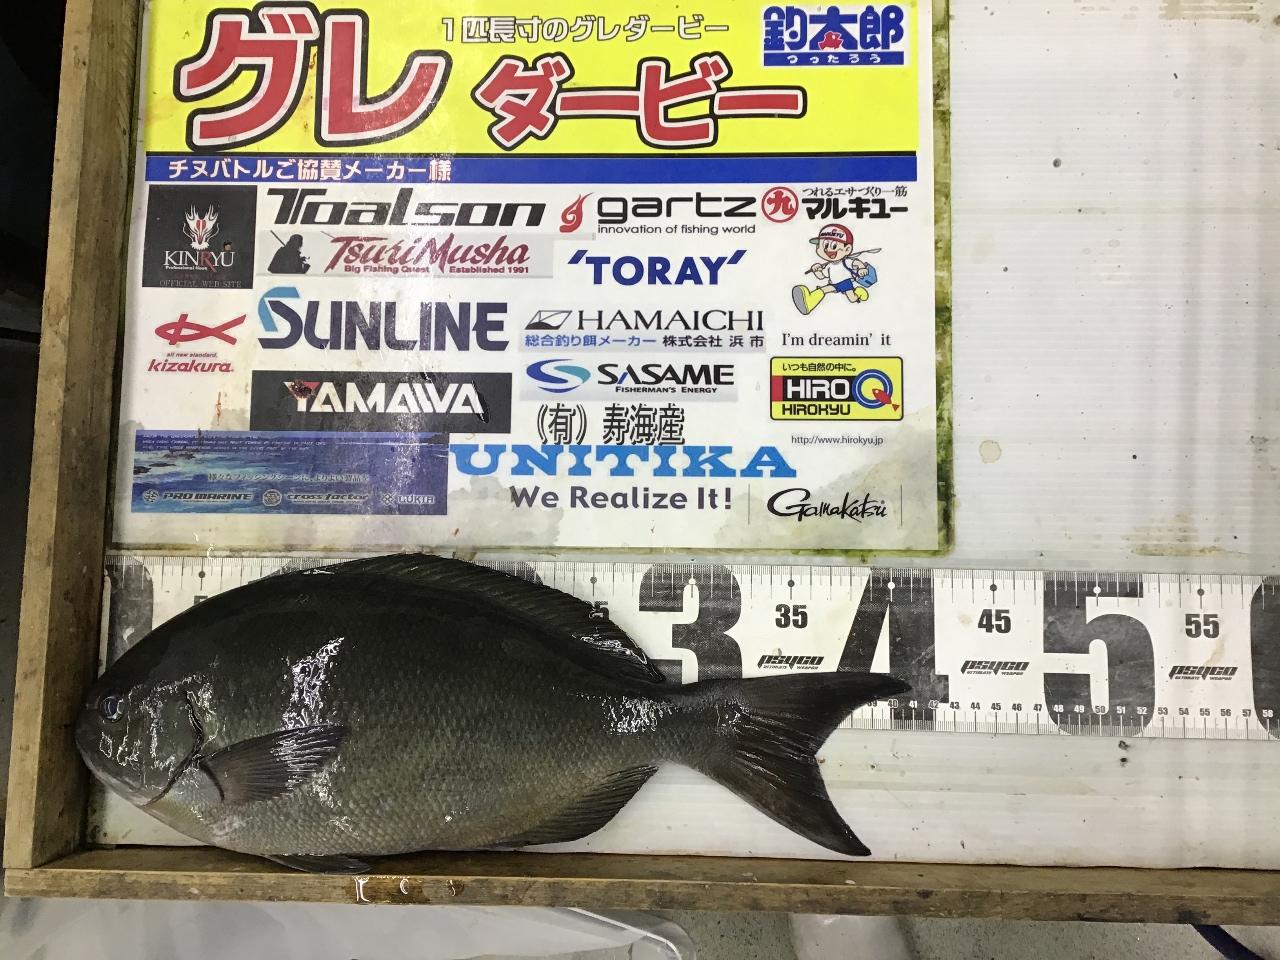 1/1 たかっち様第二回グレダービー2019年釣果(太地沖磯)41.4cm